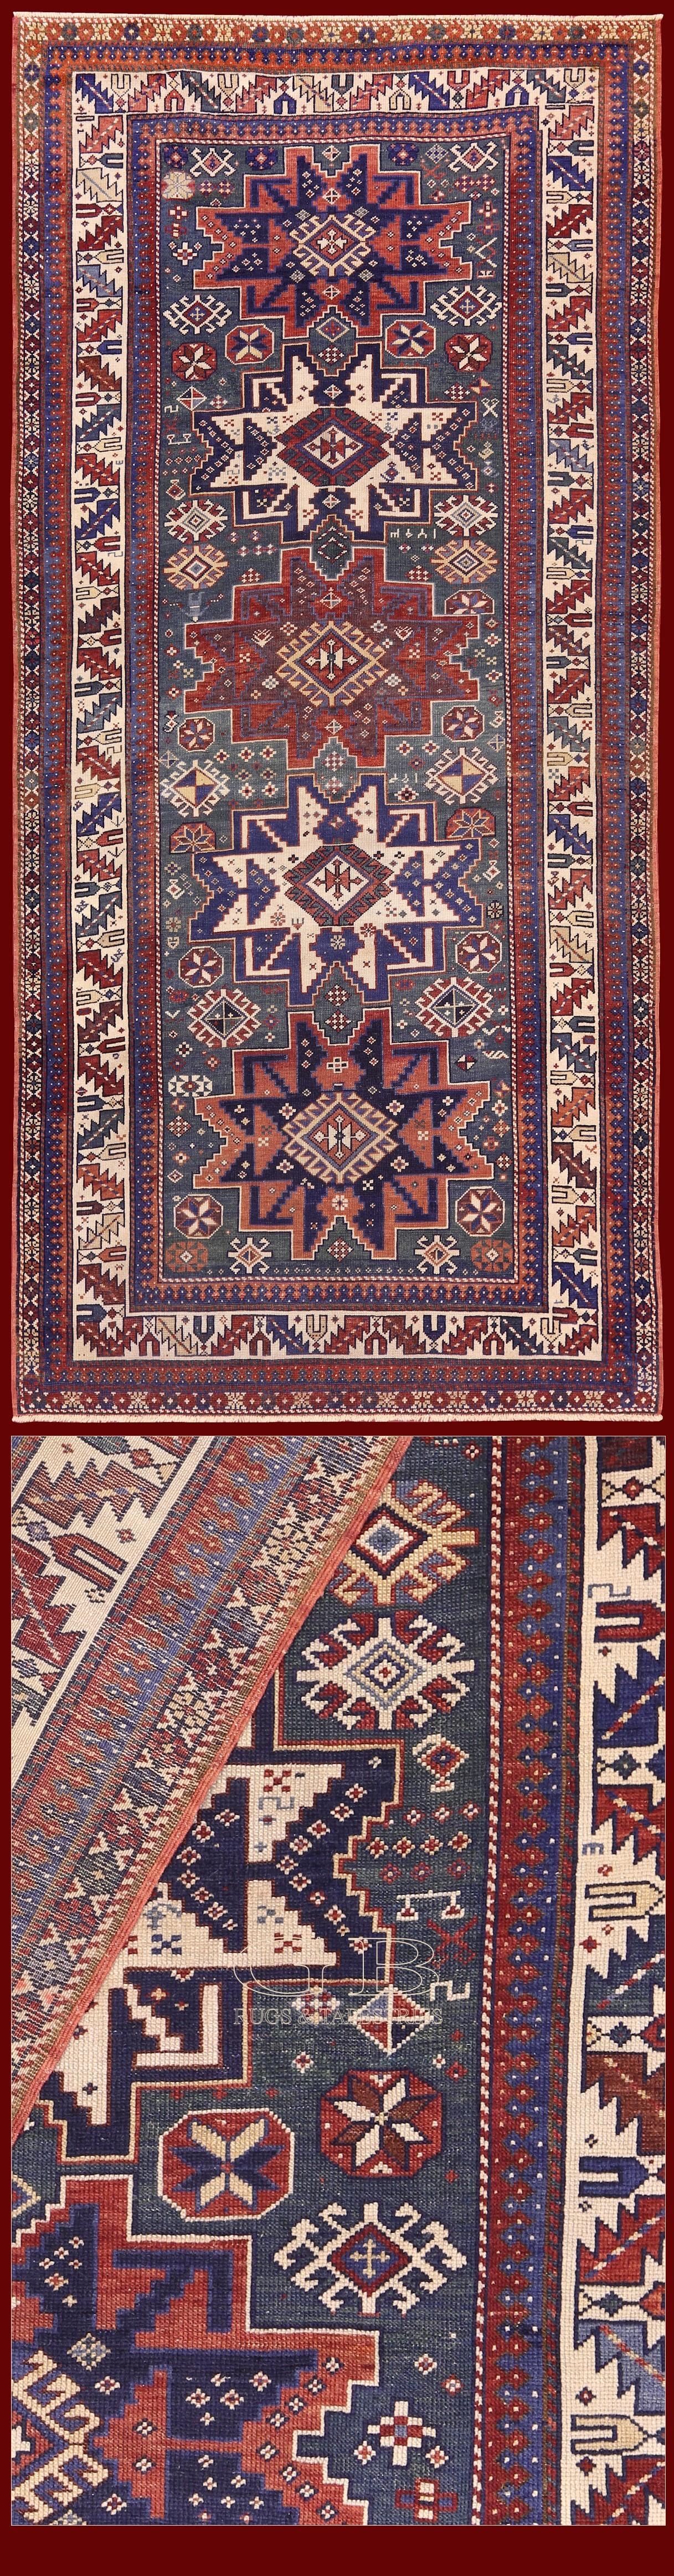 Shirvan Lesghi Antico 268x125 Cod. 141524758834 TAPPETI